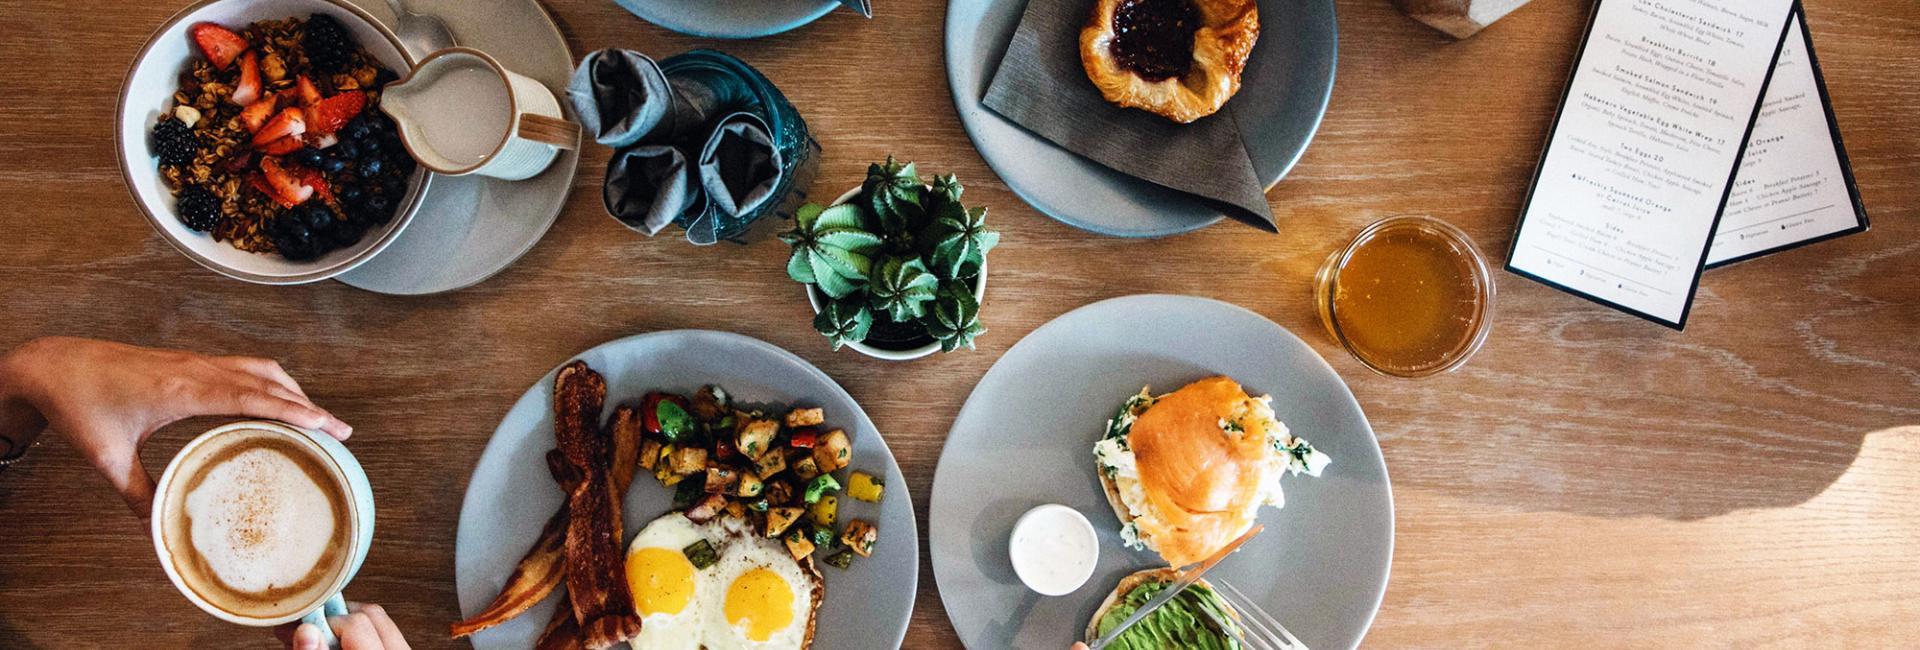 Various plates of breakfast food